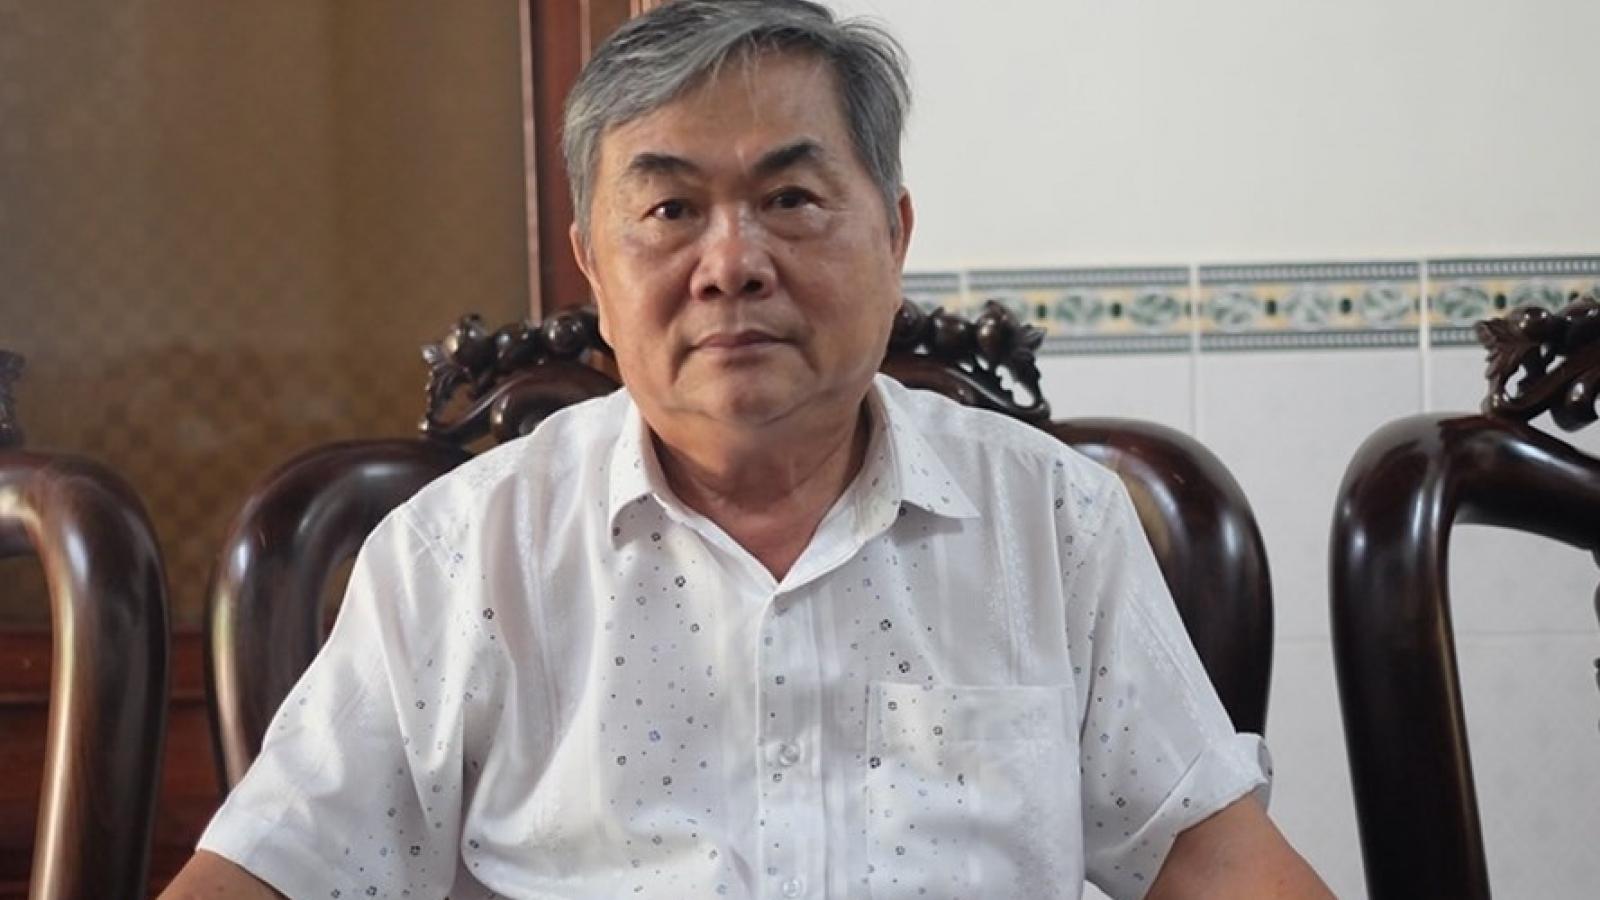 Nóng 24h: Thêm một cựu quan chức cấp tỉnh bị bắt giam vì sai phạm đất đai